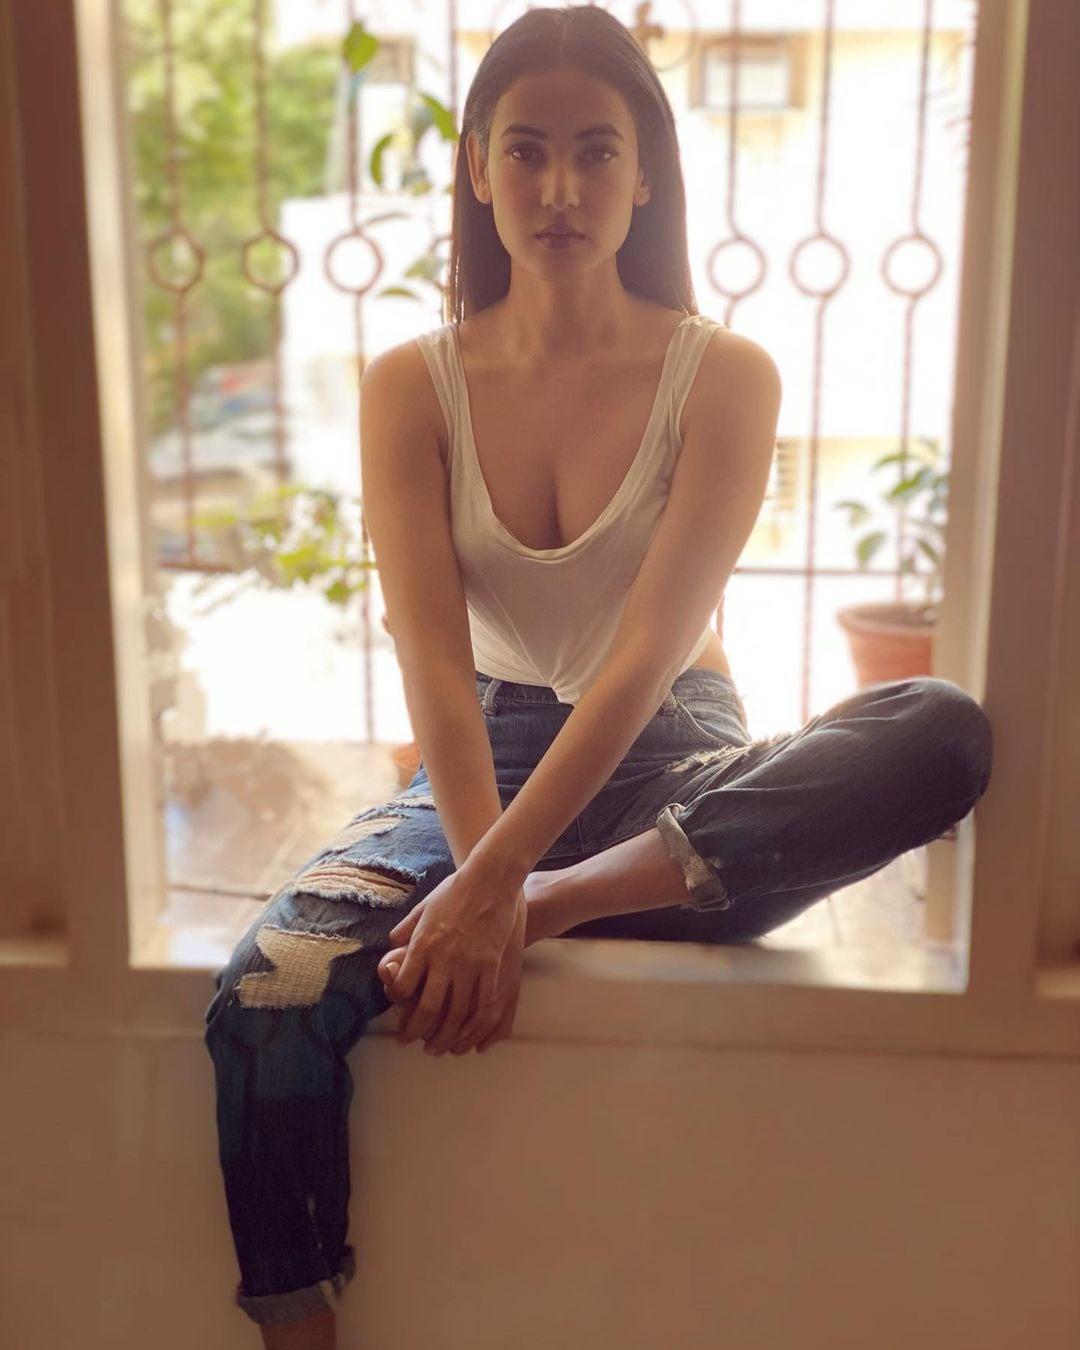 B-townৰ এগৰাকী মোহময়ী অভিনেত্ৰী সোণল। (Image: Instagram)